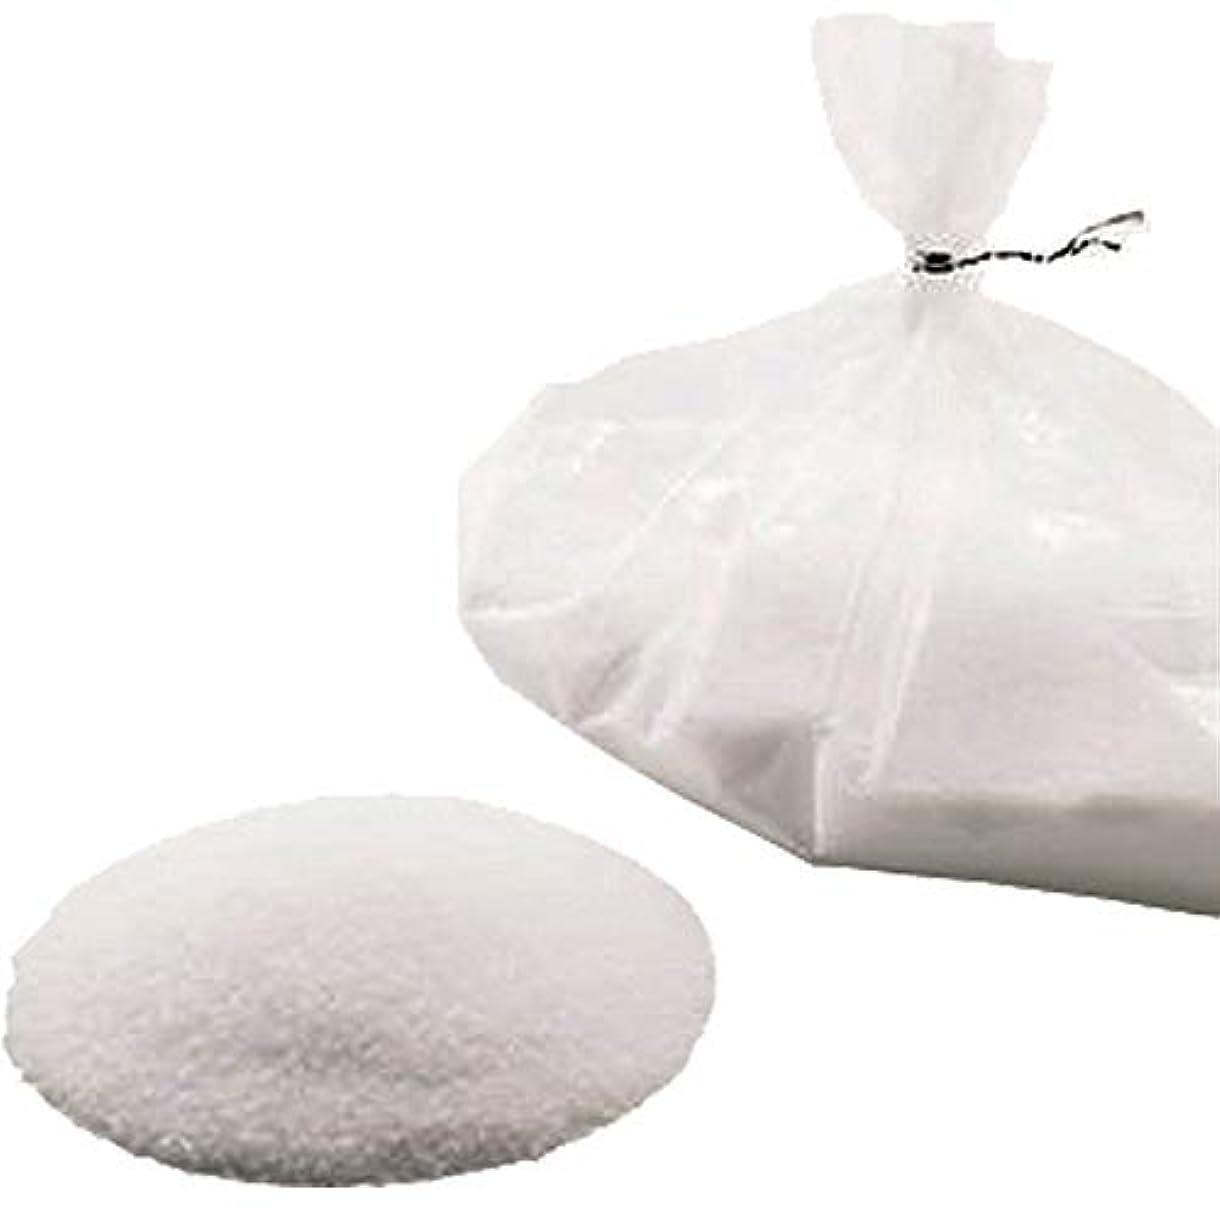 ファランクスバウンド台無しにカメヤマキャンドルハウス 手作り キャンドル 国産 パウダーワックス 原料 1kg